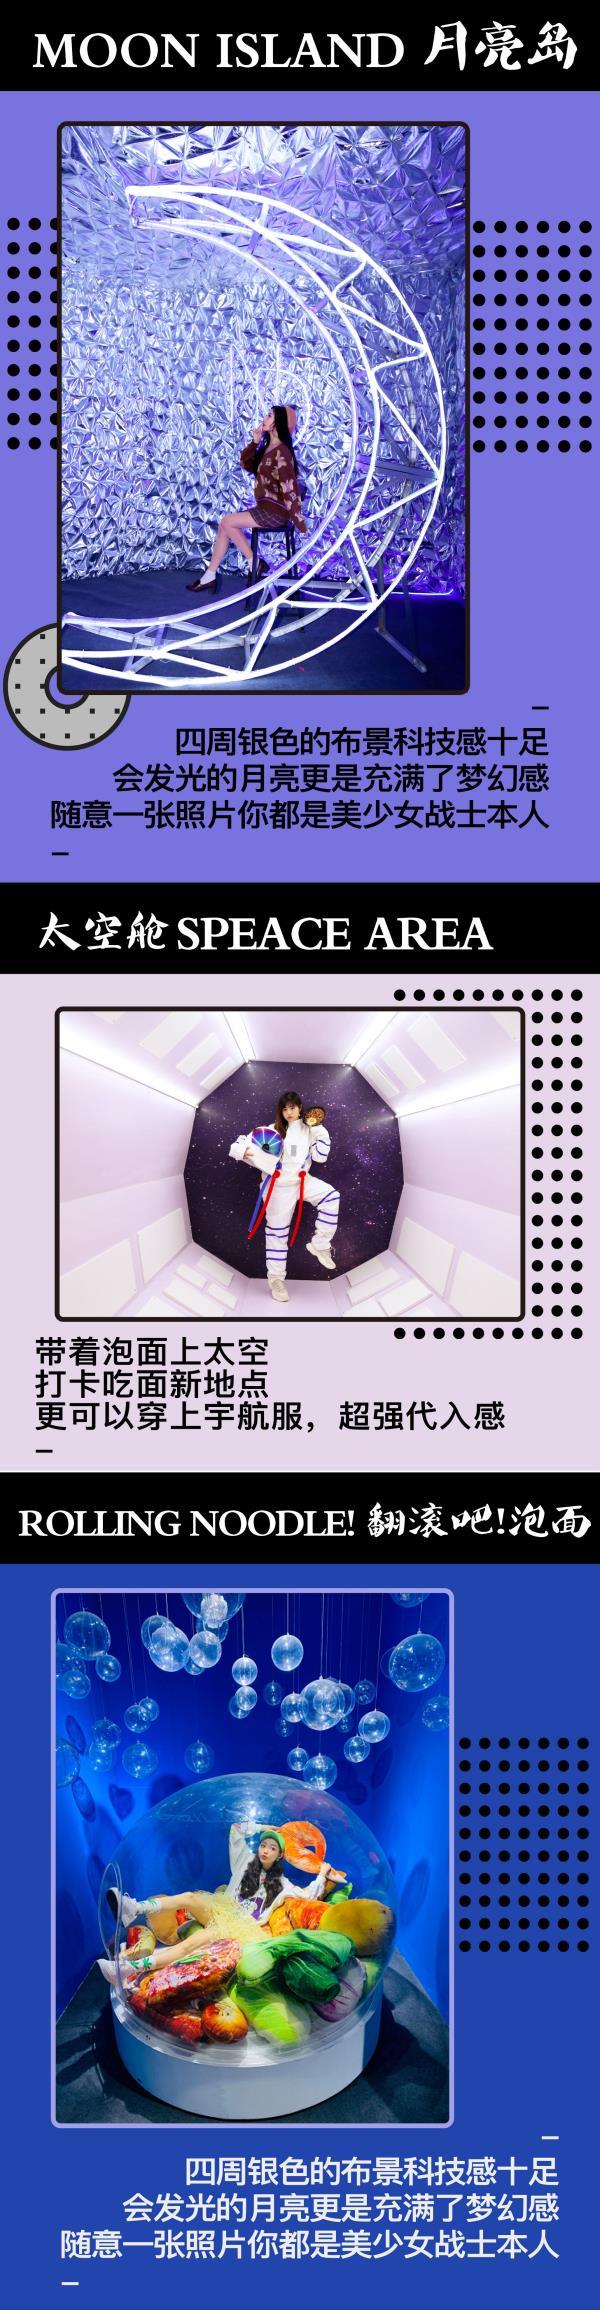 上海泡面博物馆4